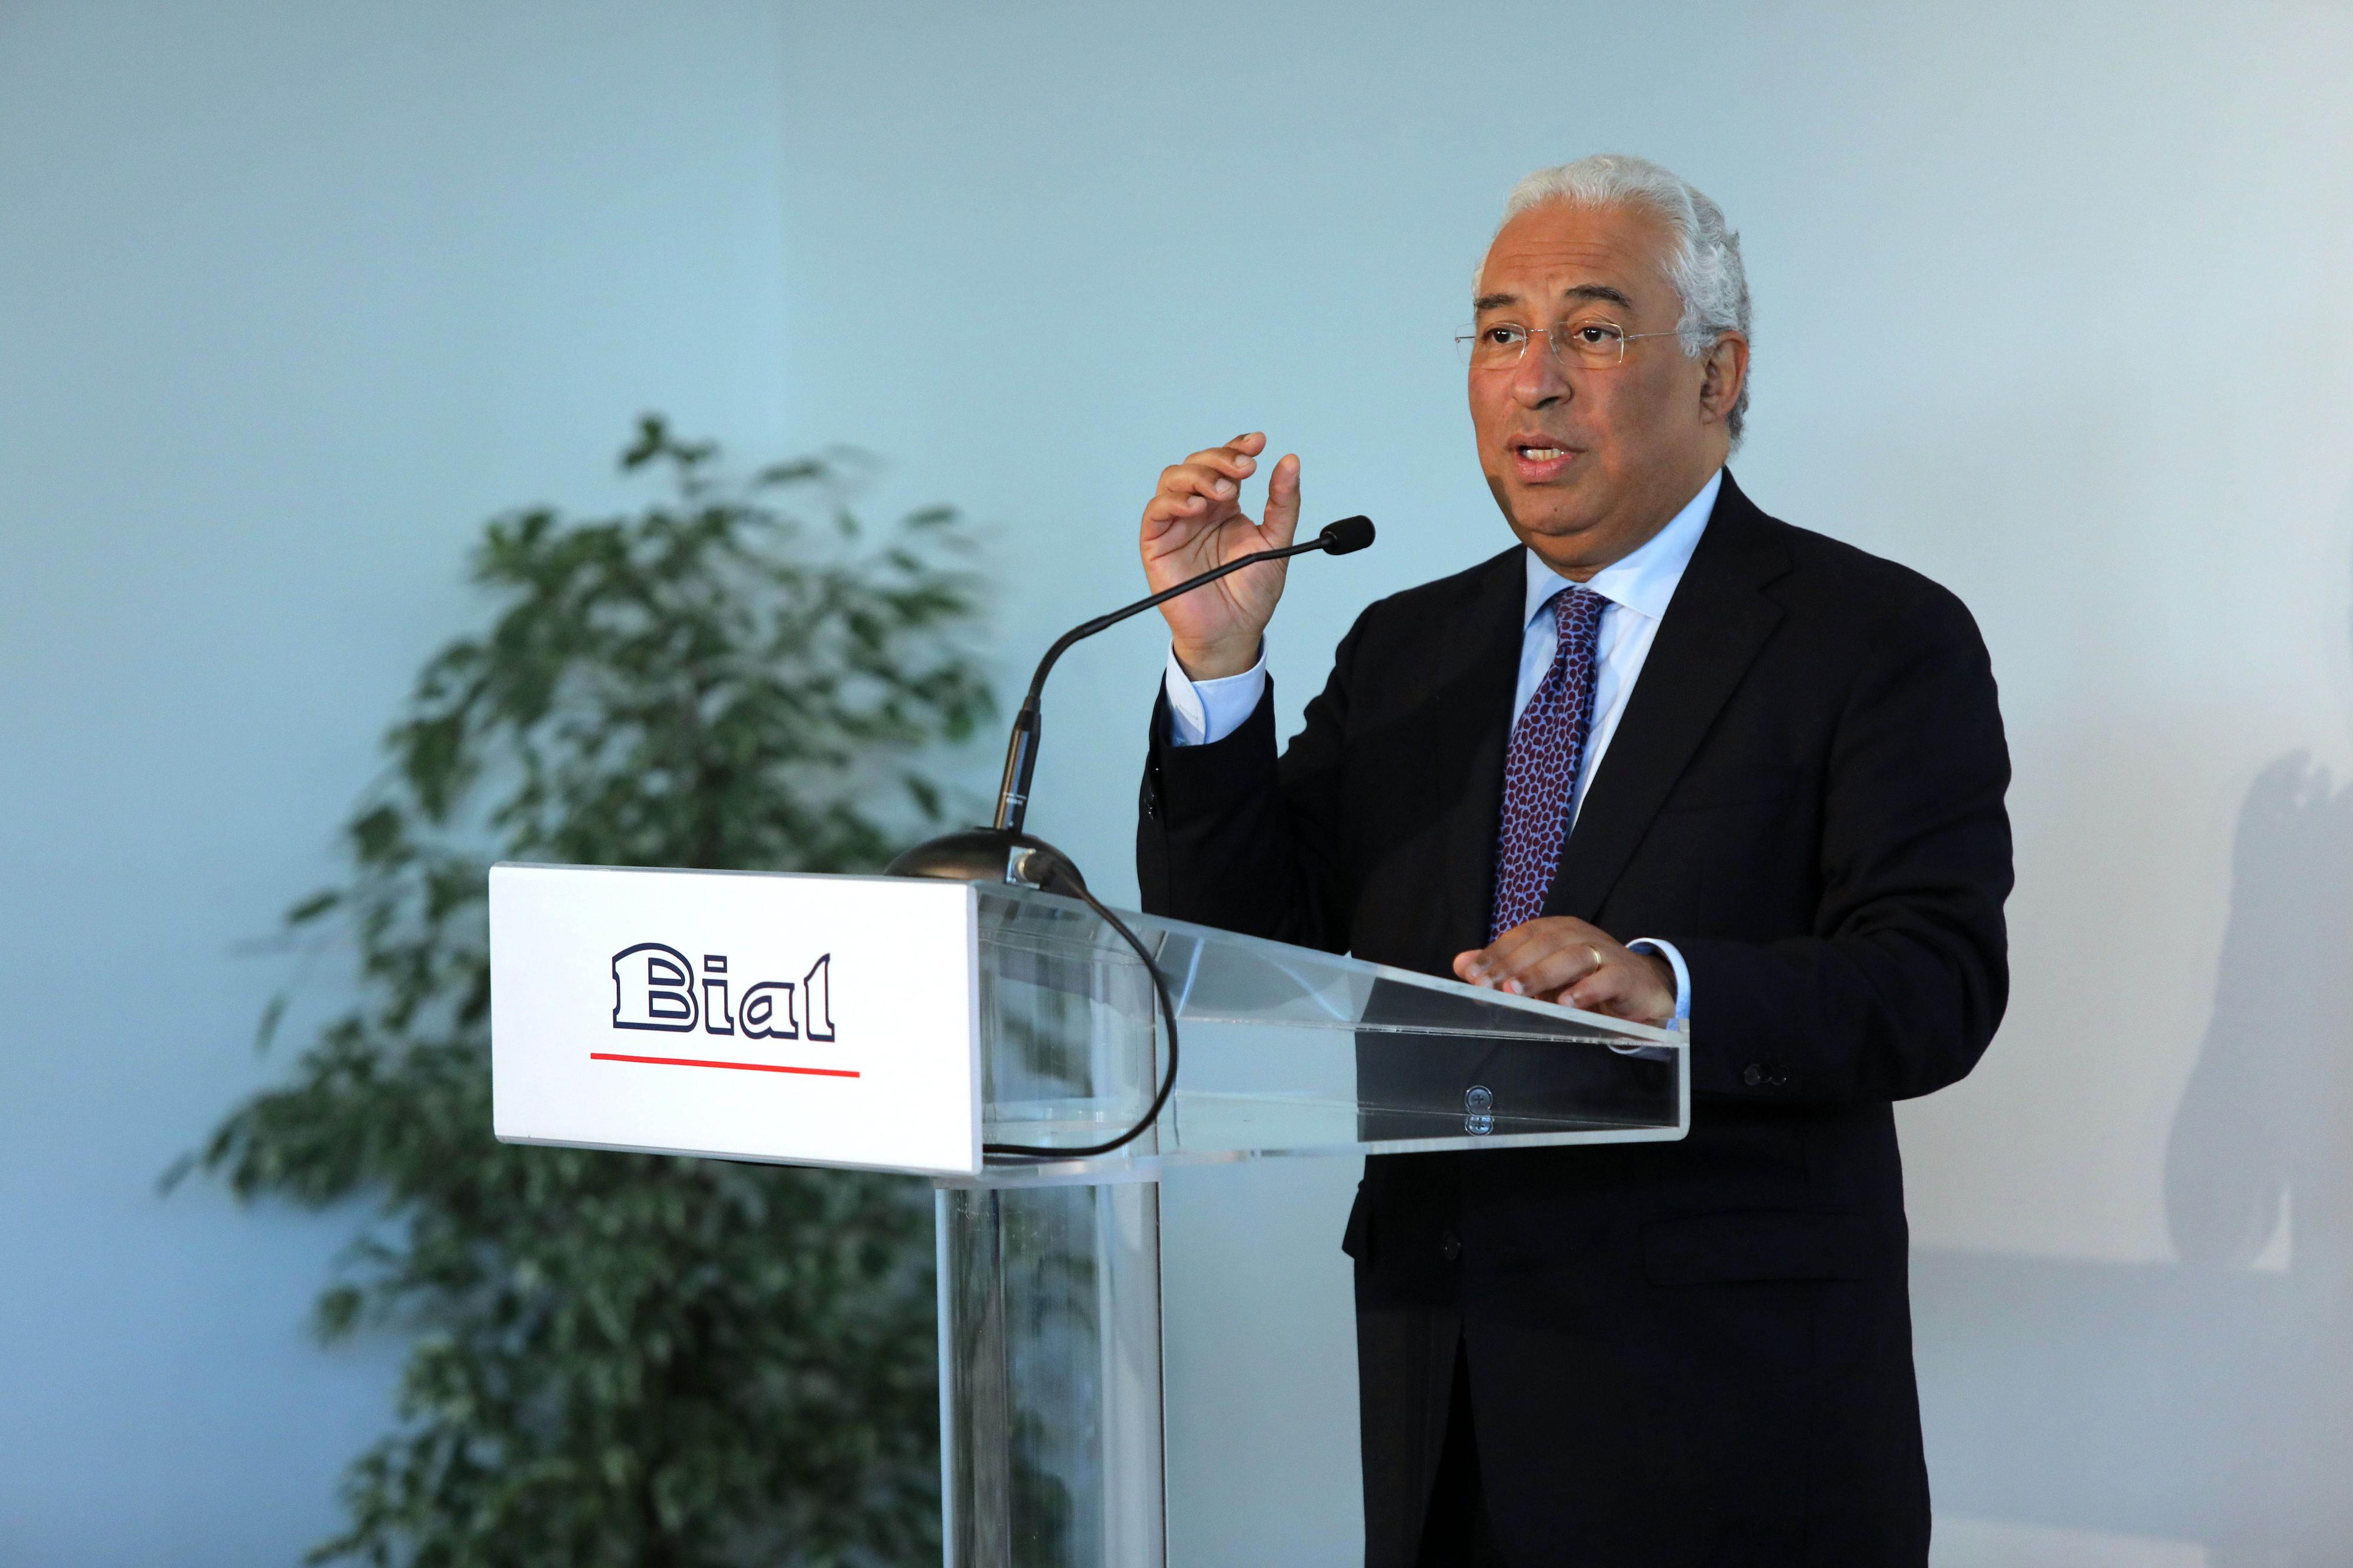 Estado e Bial assinam contrato de investimento no valor de 37,4 milhões de euros